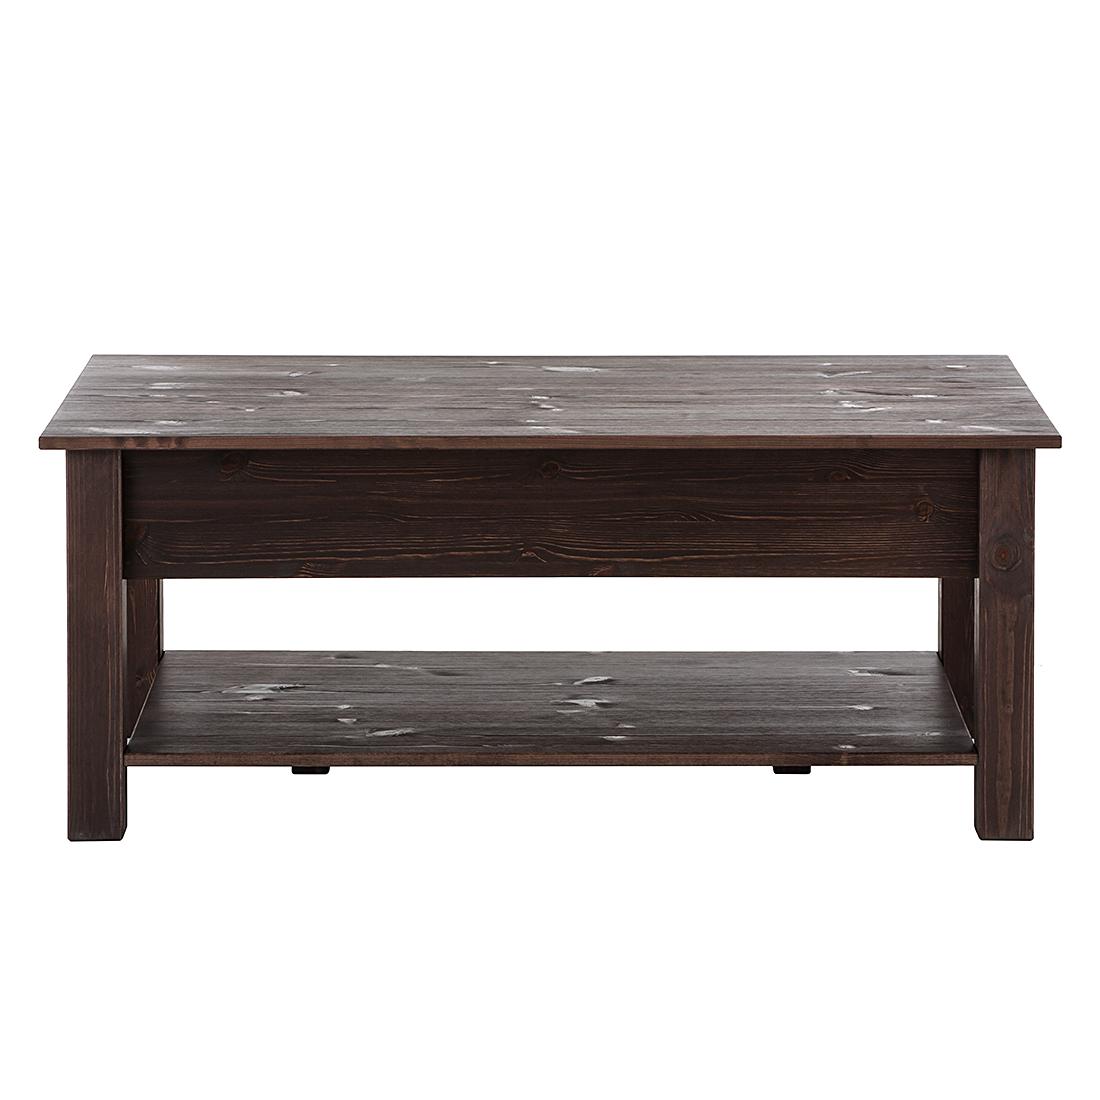 Couchtisch Dunkelbraun Mit Schublade Tische Wohnzimmer 63x110x45cm Massivholz Braun Home24